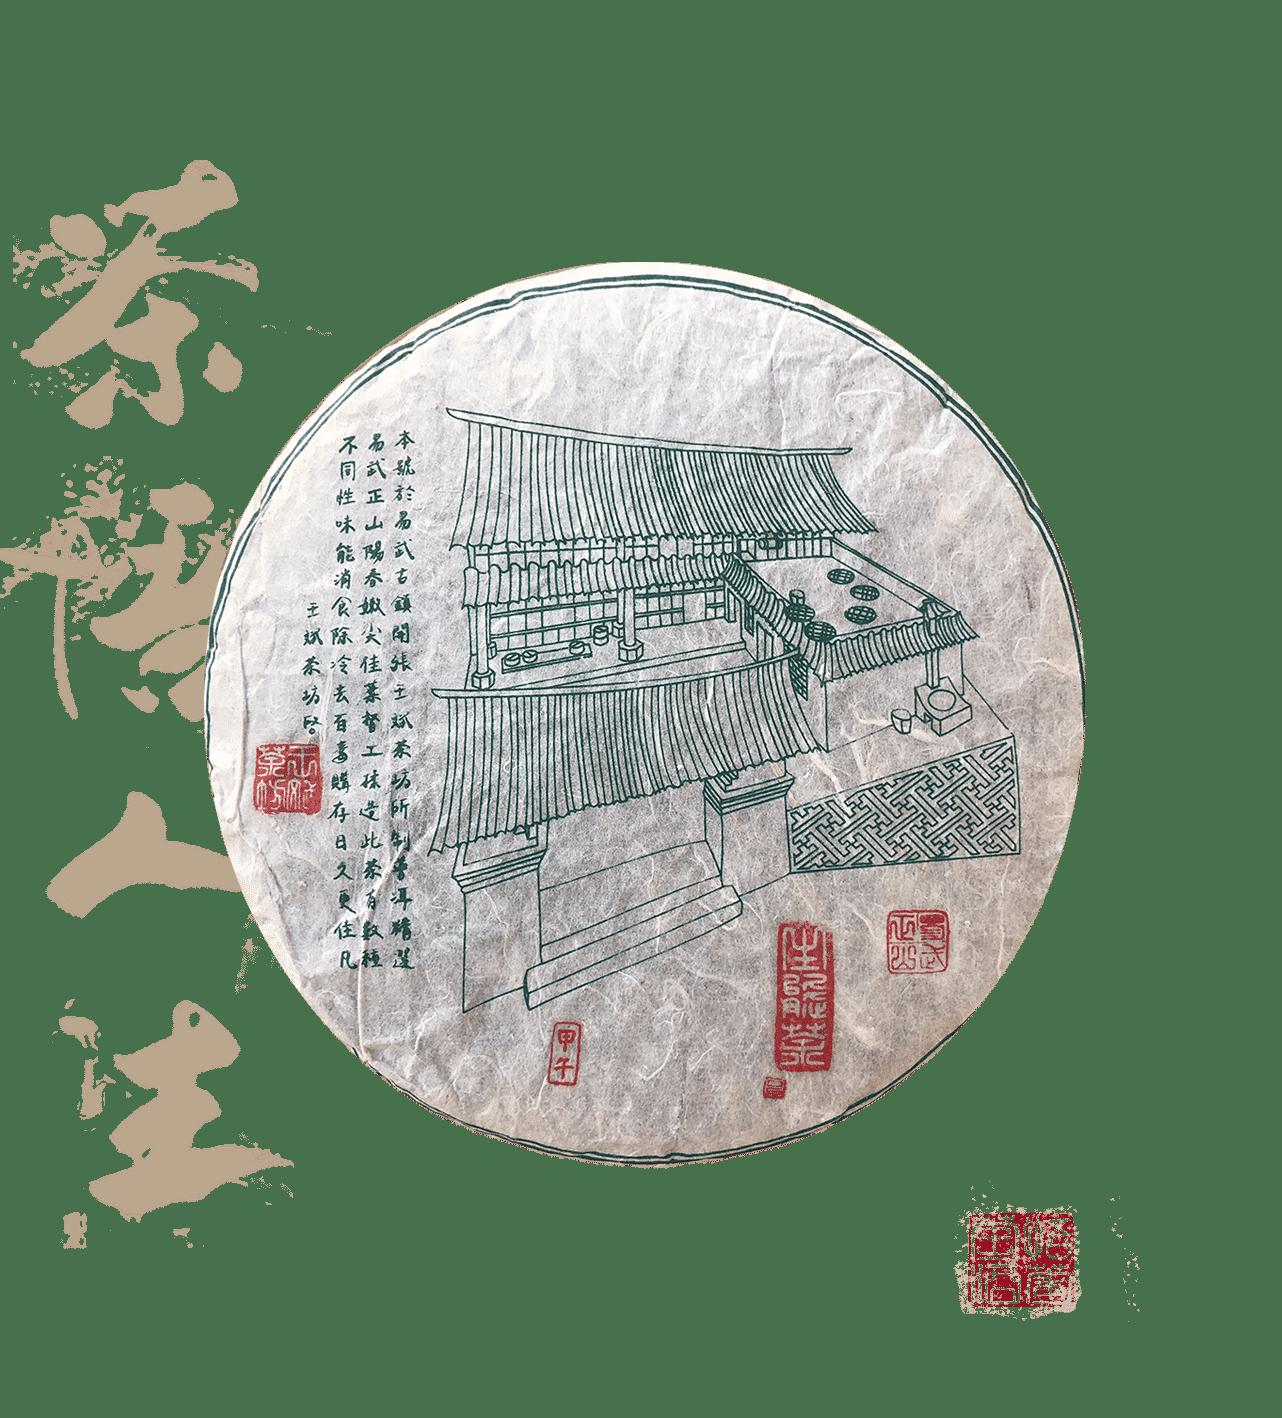 Wang bing lao shen tai est une galette de thé pu erh cru sheng de grande qualité